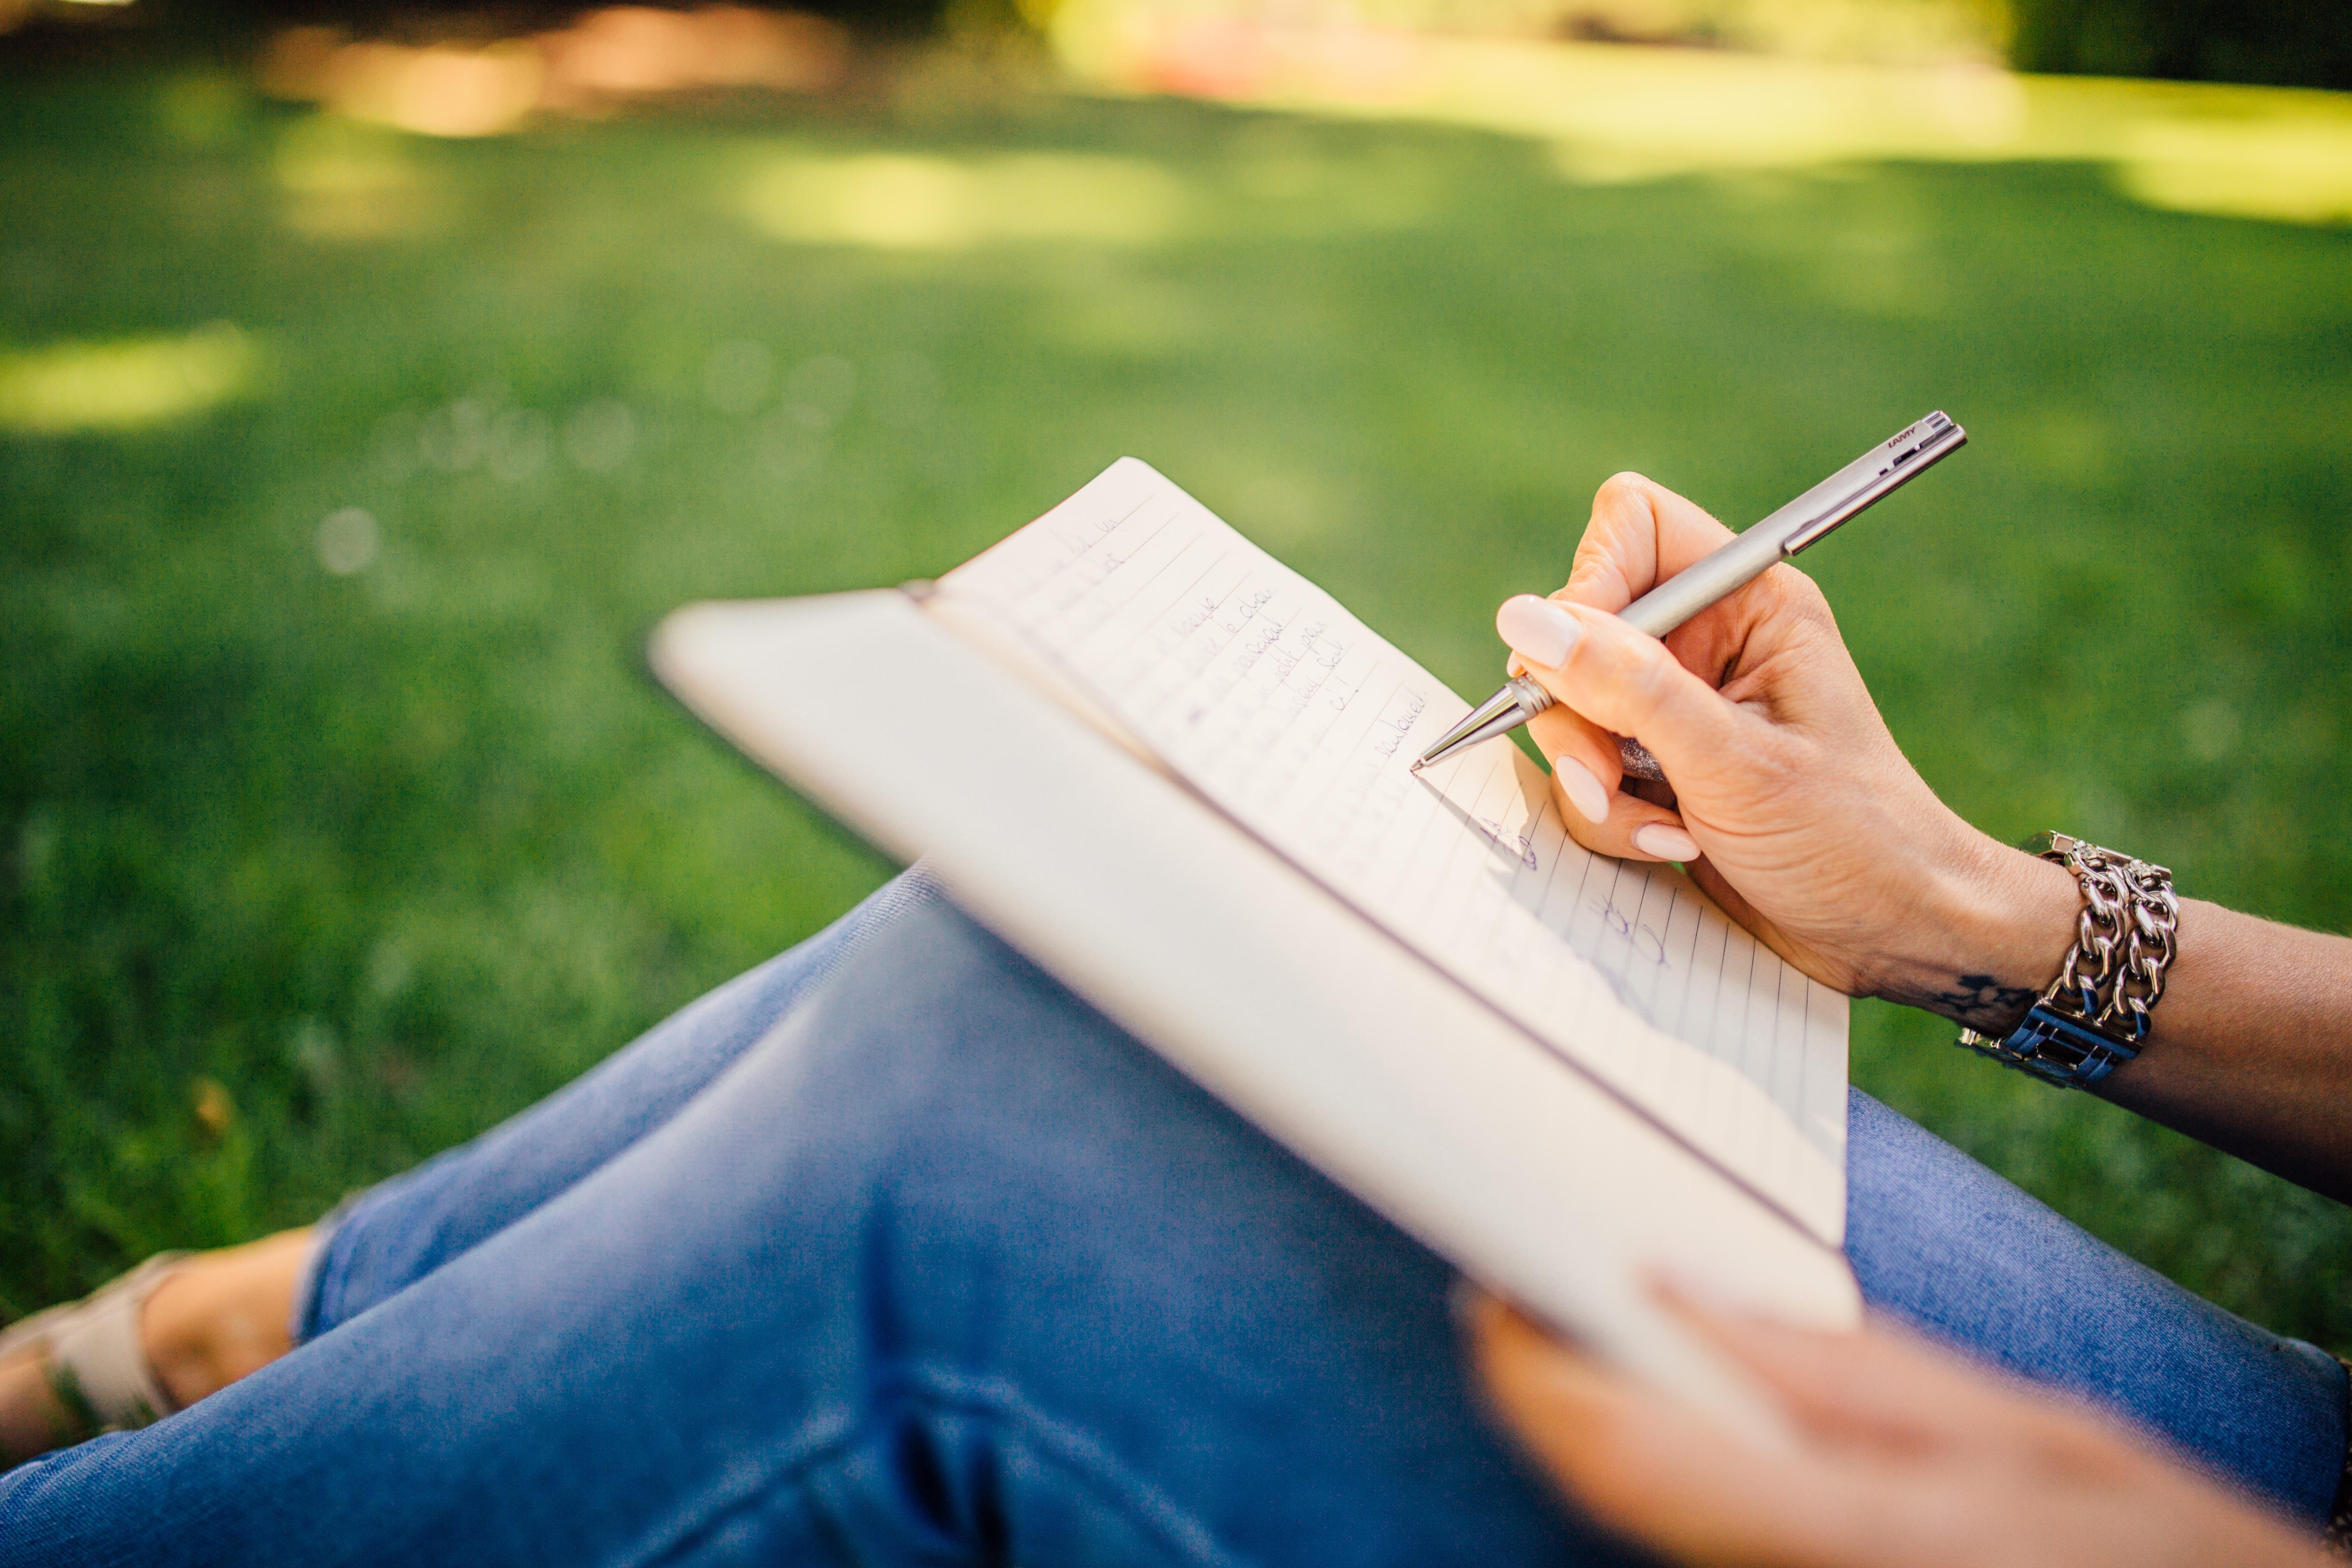 Chronique Ph.D. Pourquoi avoir son blogue au doctorat